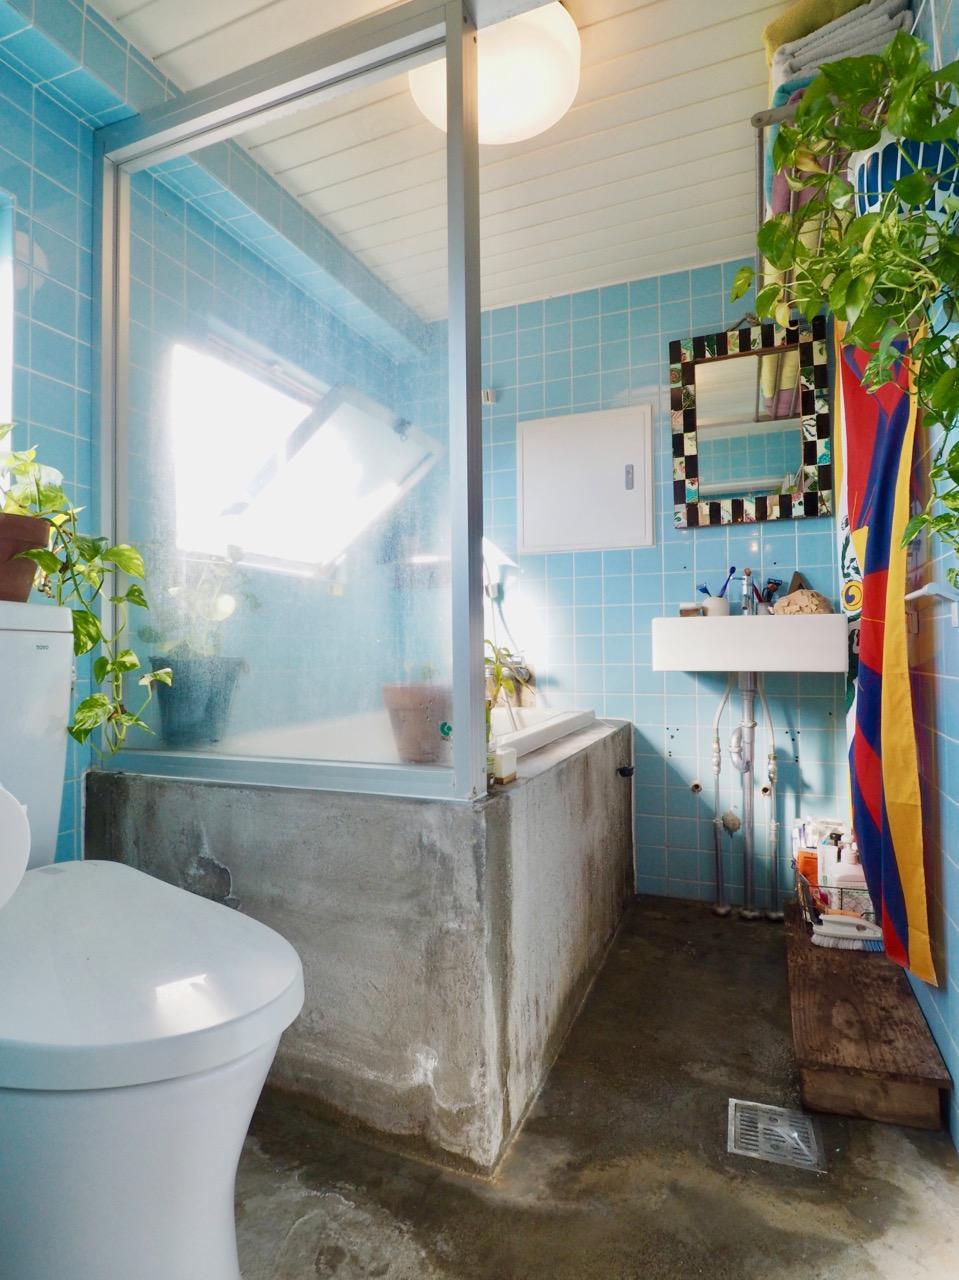 モルタルの床、浴槽の立ち上がりも雰囲気があっていい